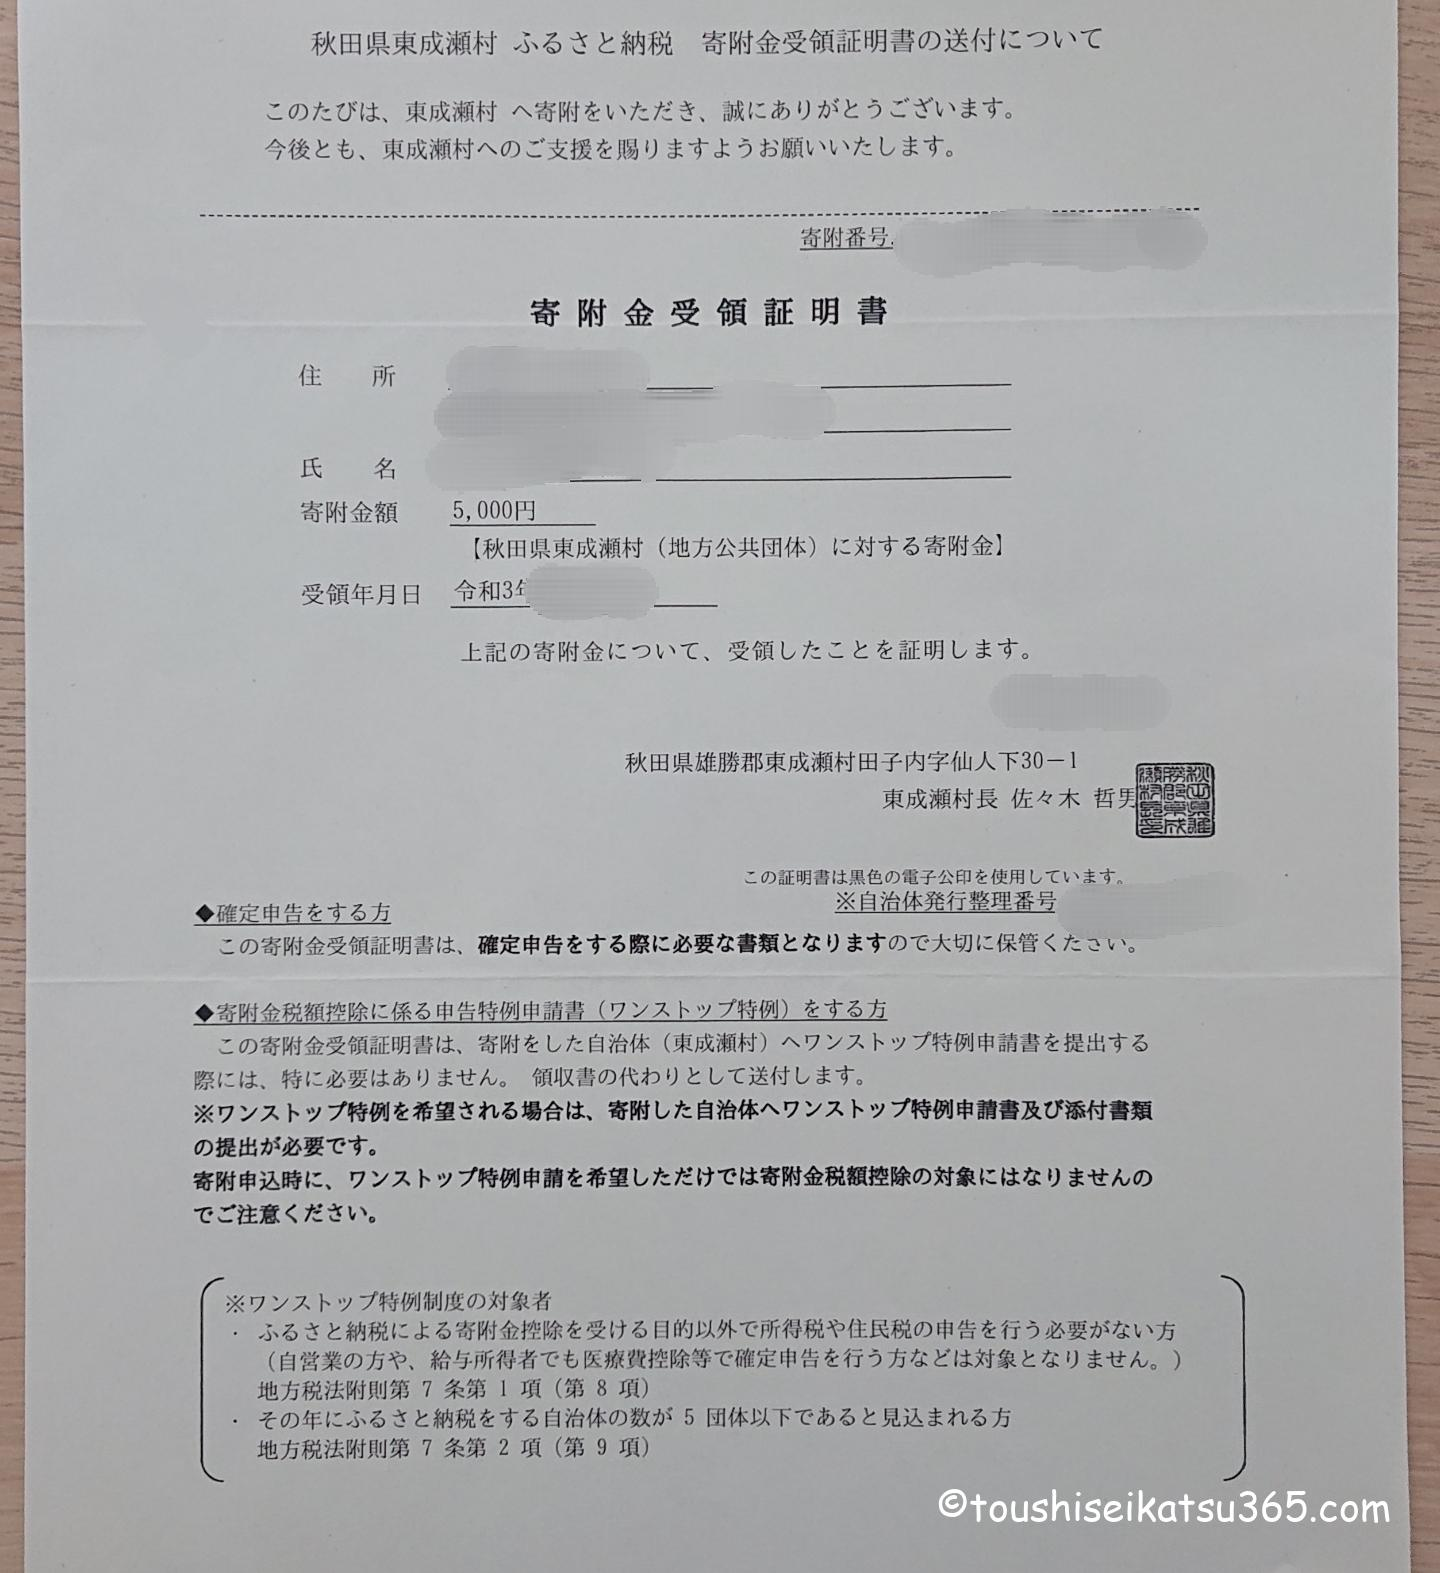 秋田県東成瀬村 寄附金受領証明書